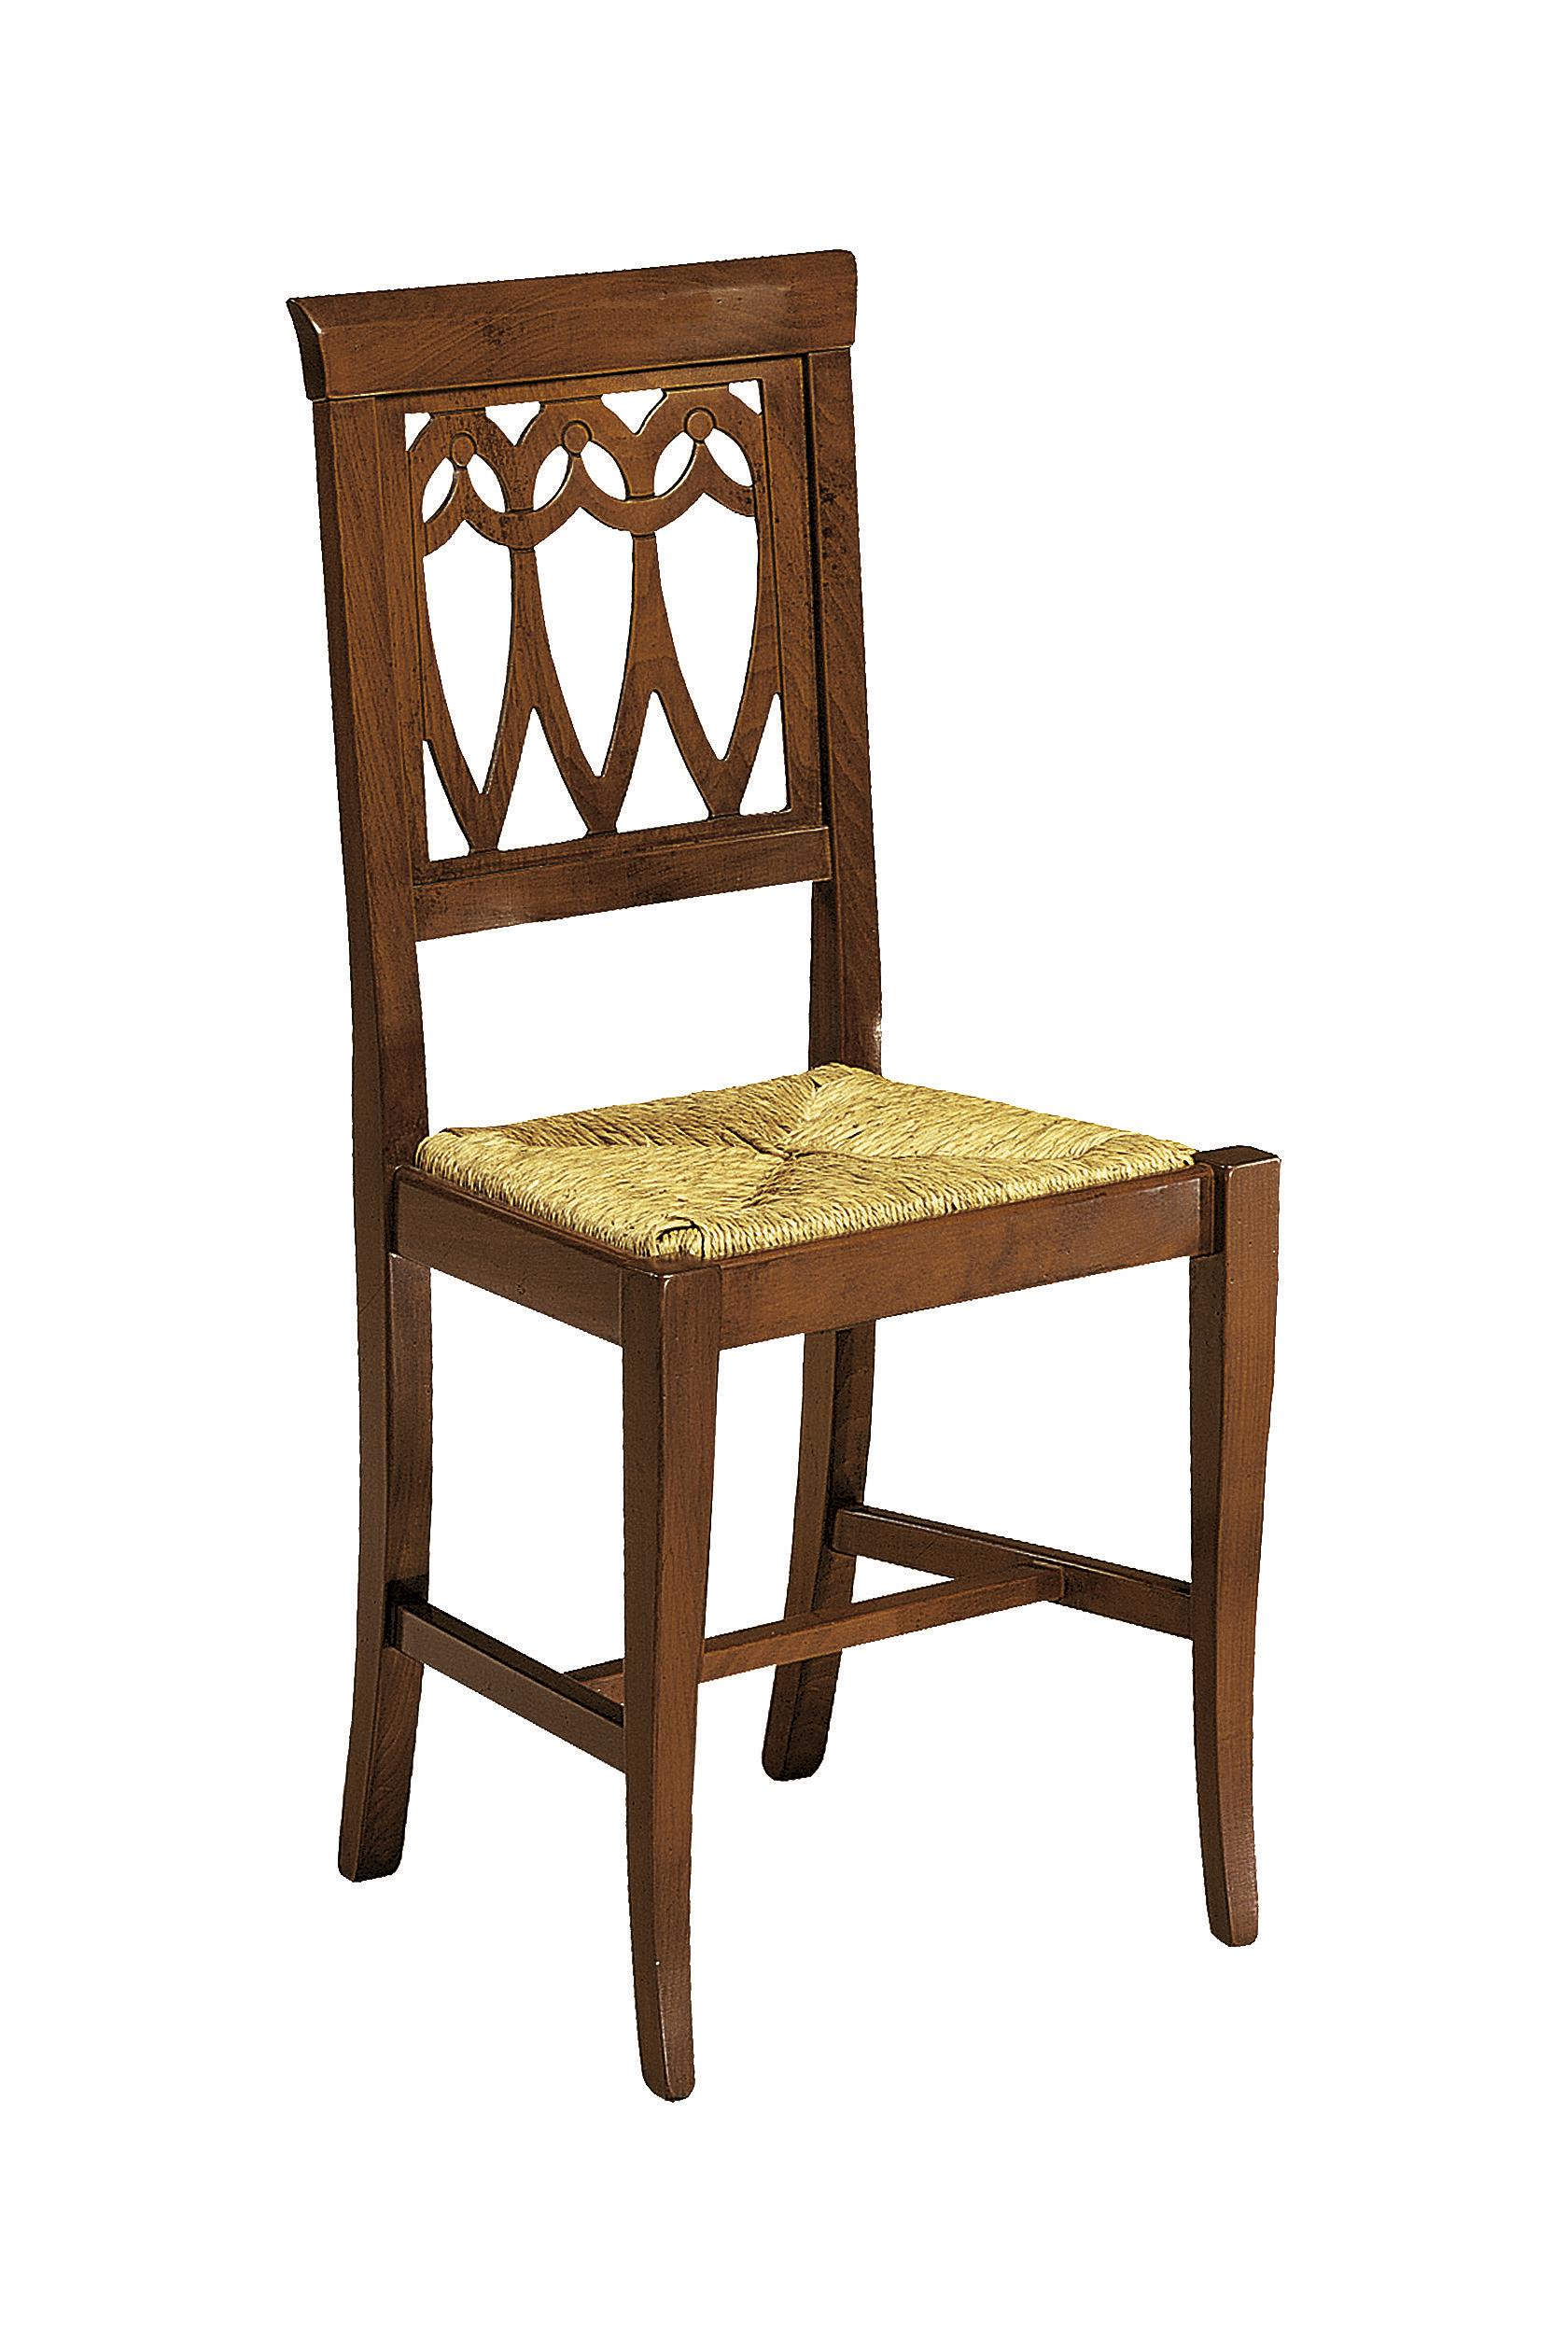 Sedie In Legno Arte Povera.Sedia Legno Arte Povera Art 540 Bissoli